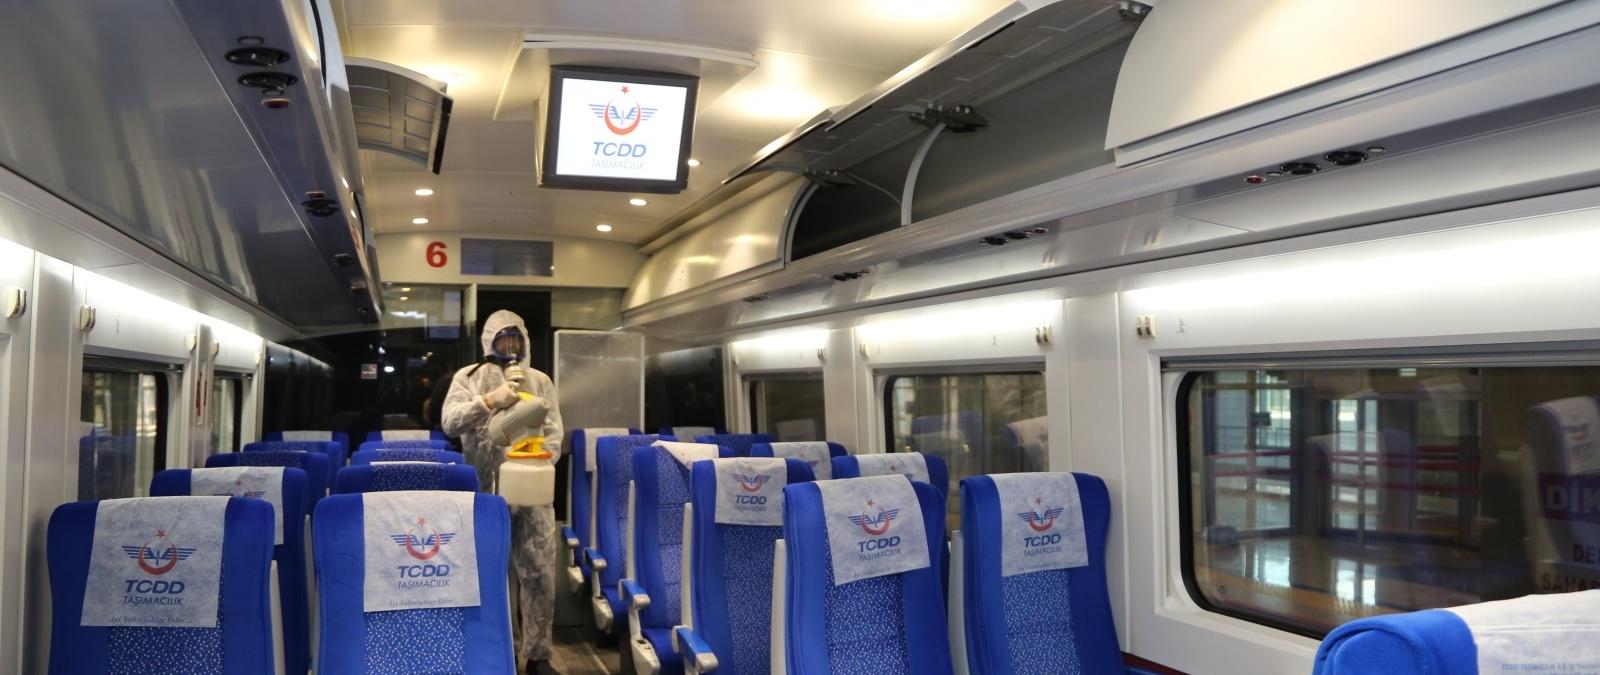 Trenlere tam kapanma ayarı